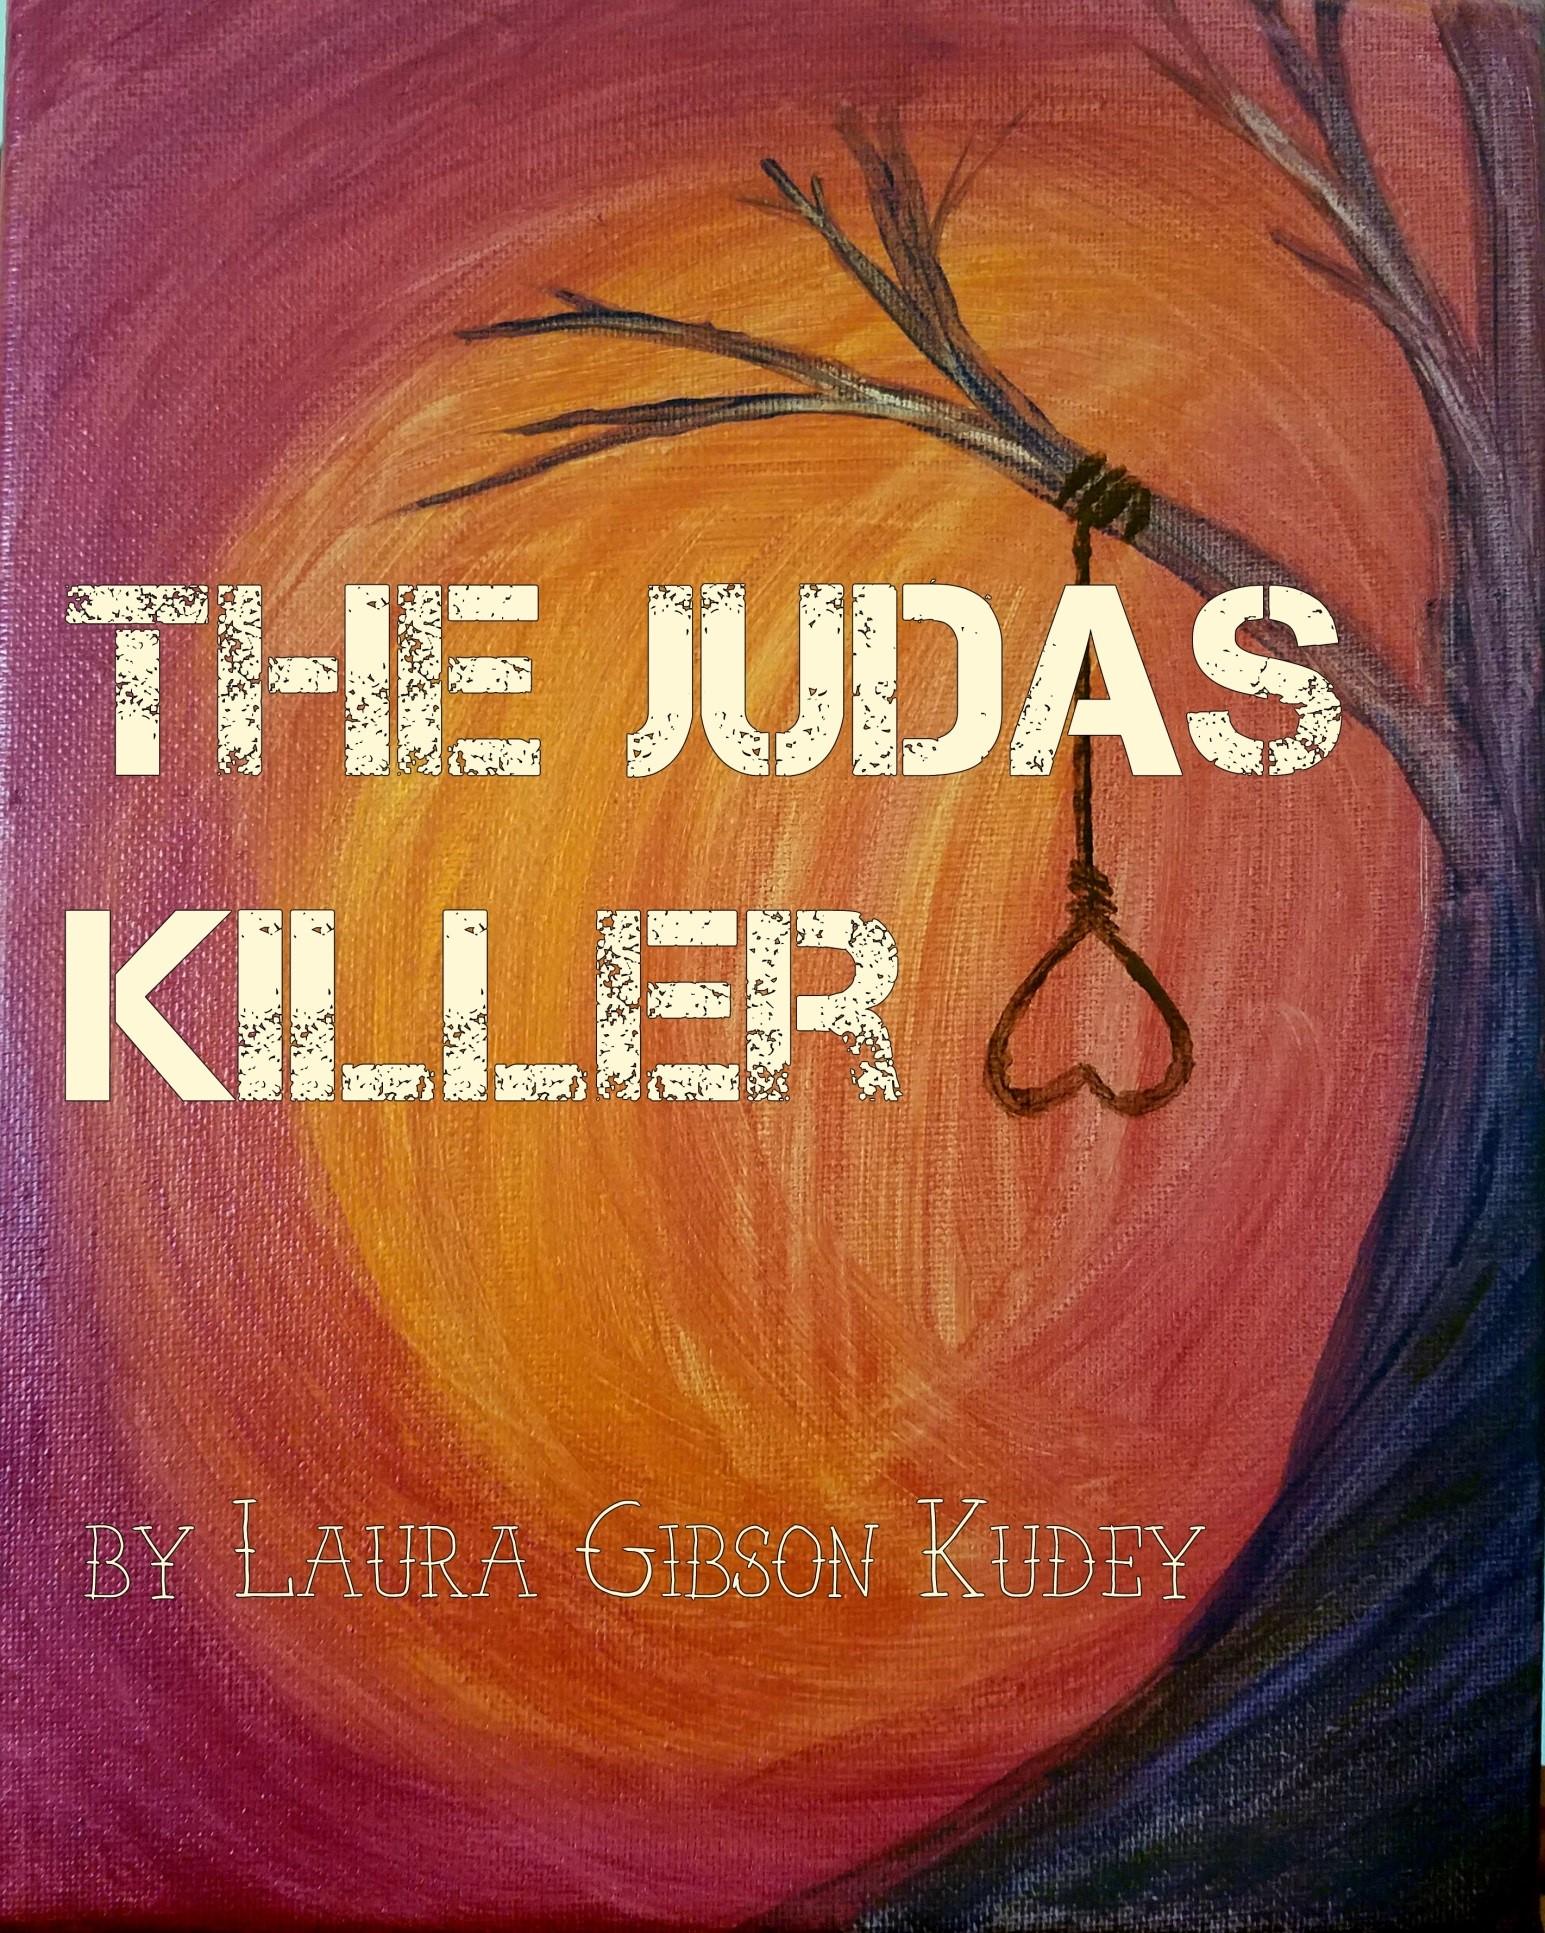 judas killer cover